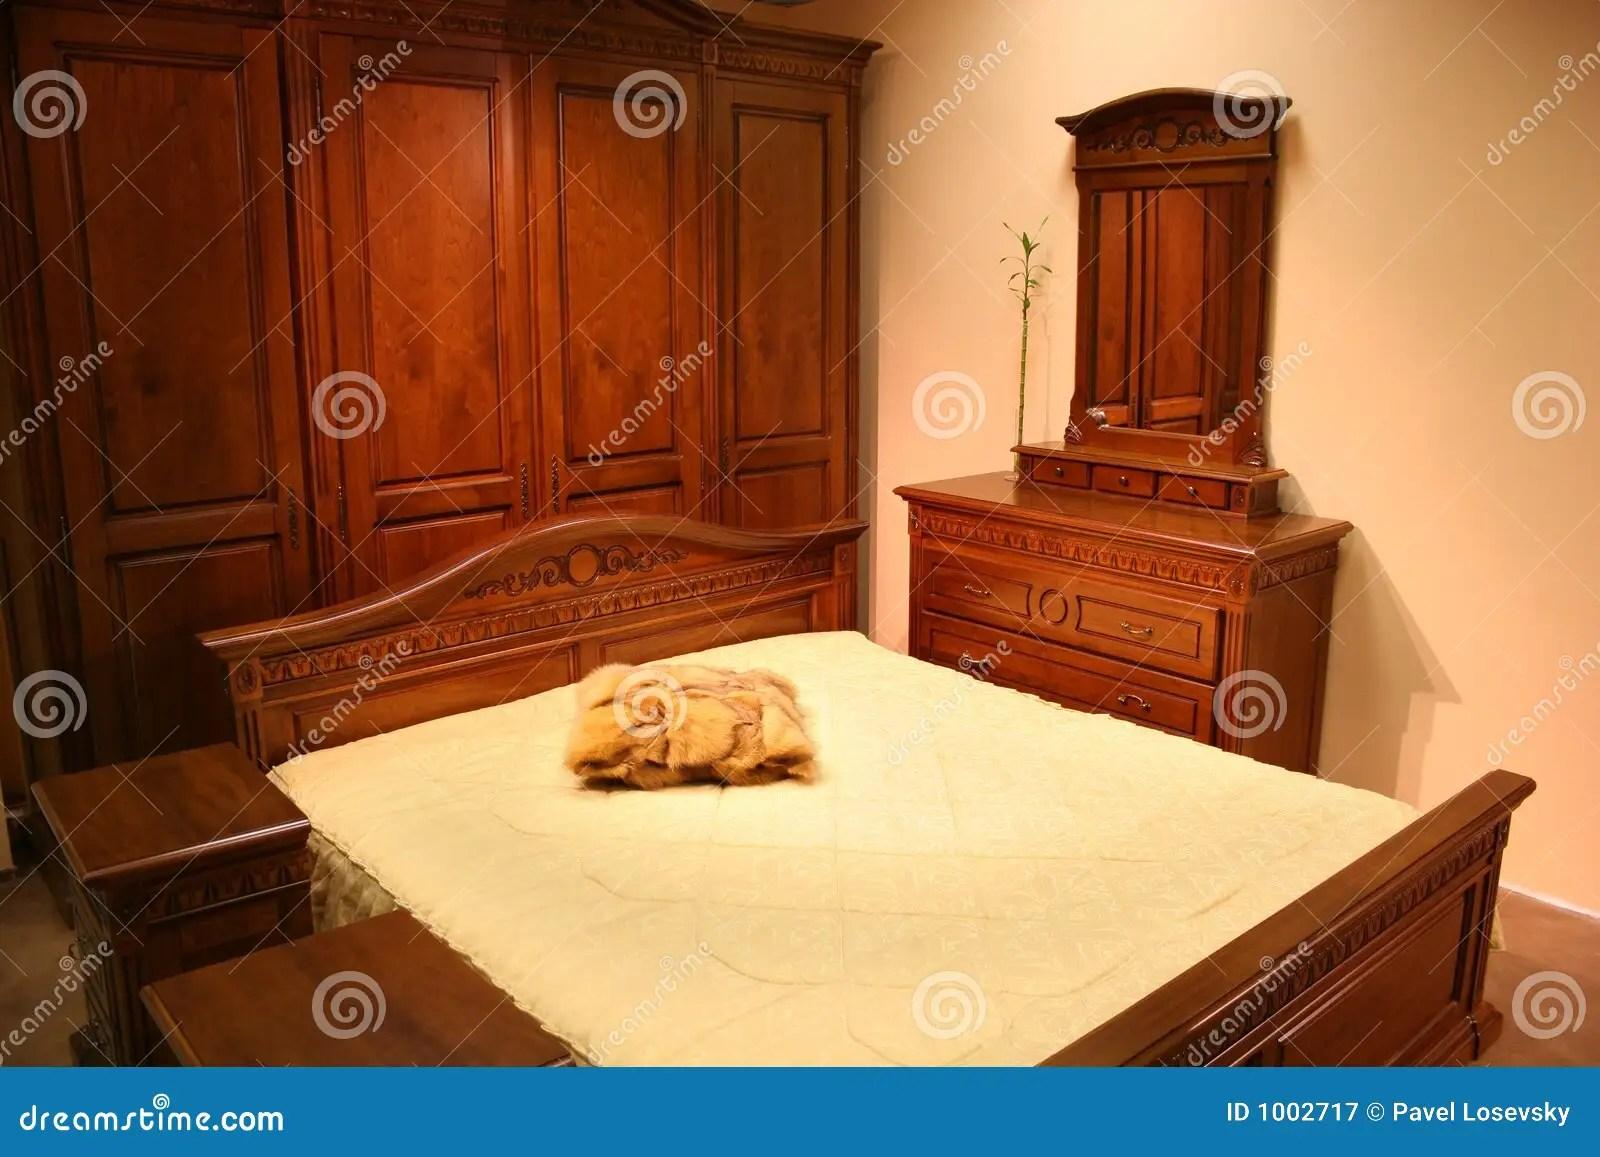 Chambre  Coucher En Bois Rouge Photographie stock libre de droits  Image 1002717